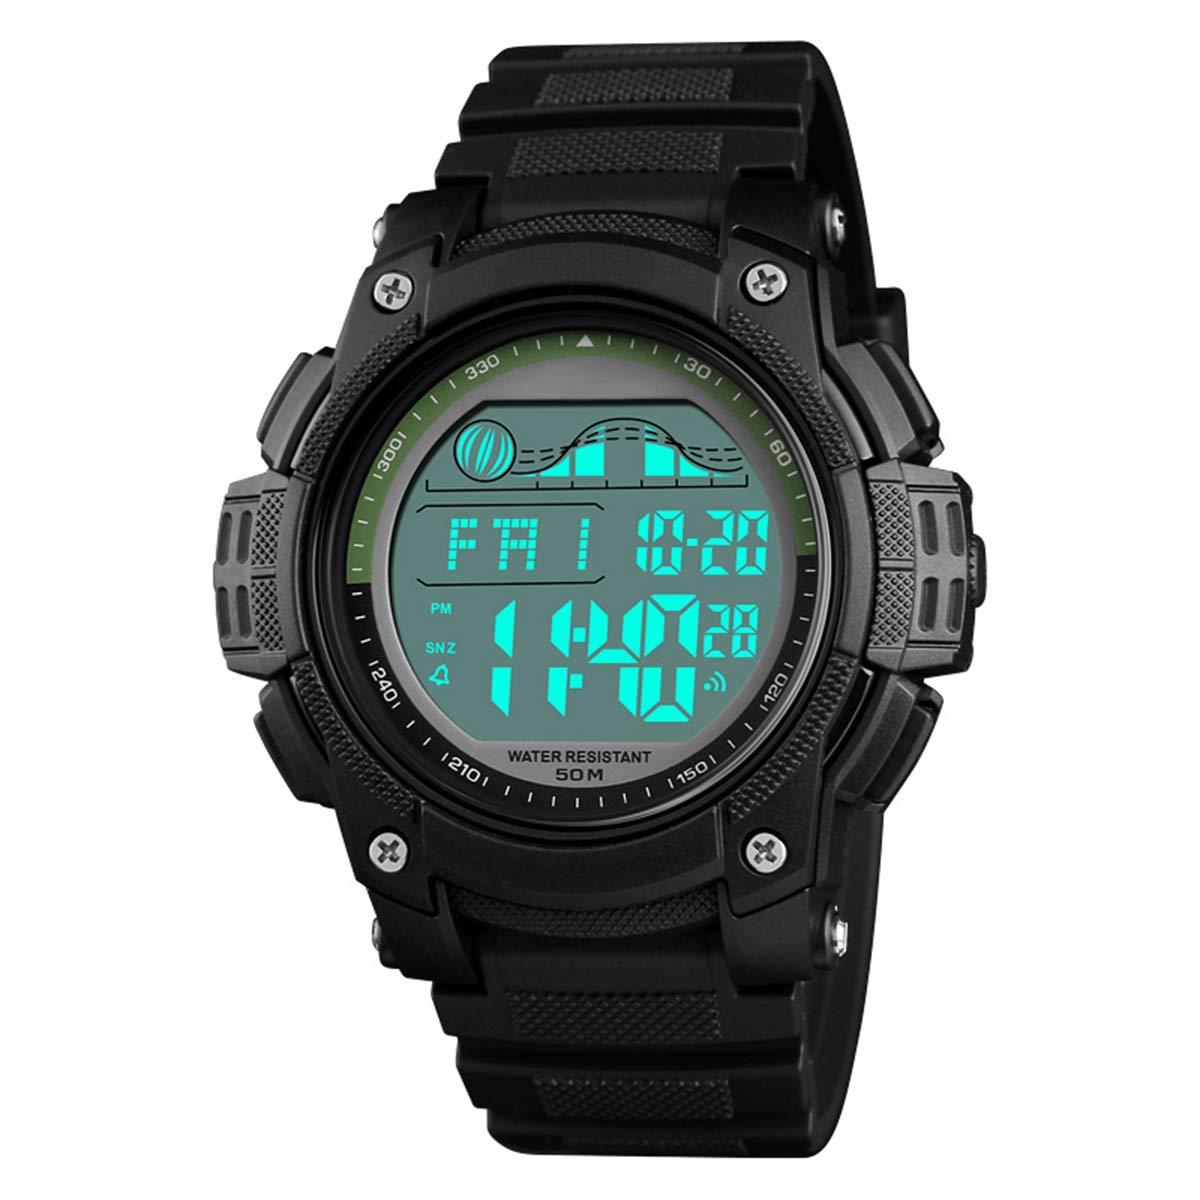 Reloj de Pulsera para Hombre, Digital, Deportivo, Impermeable, Militar, multifunción, Simple y Grande, con Alarma de Tiempo Dual, cronómetro, cronómetro, para Hombre